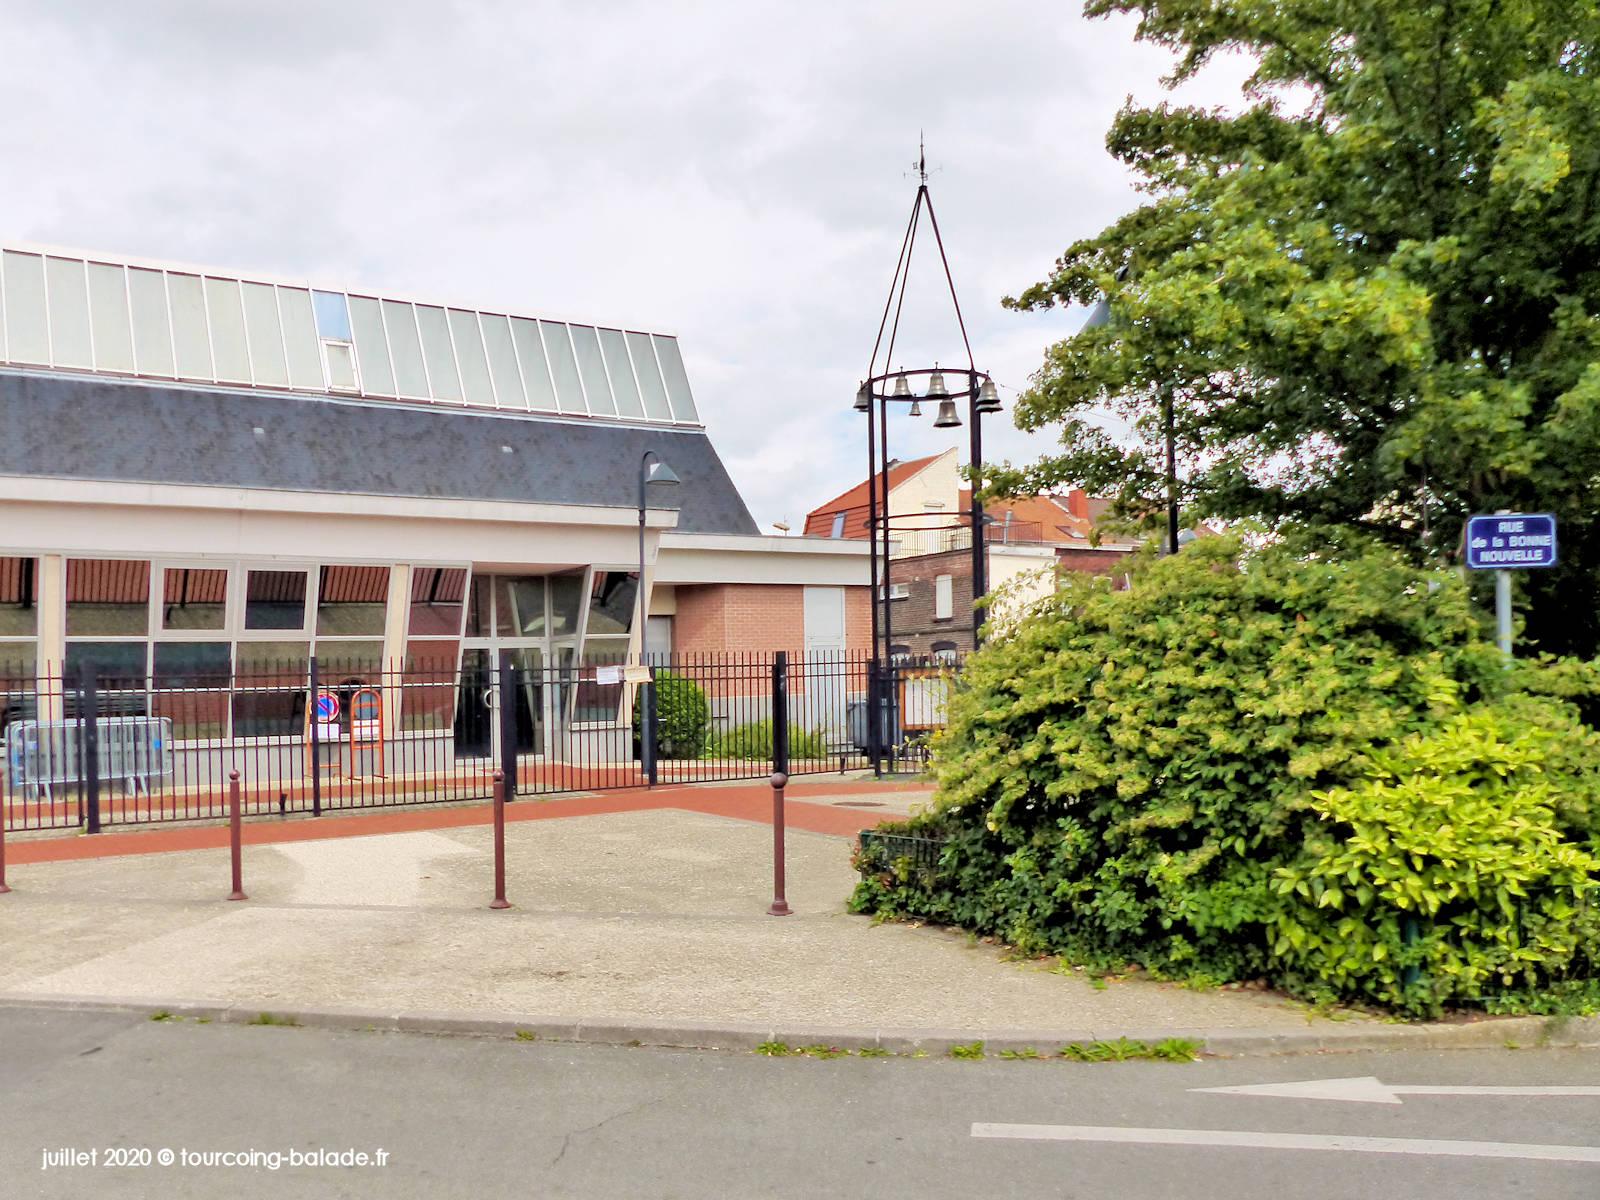 Entrée principale de l'église Saint Joseph, Tourcoing 2020